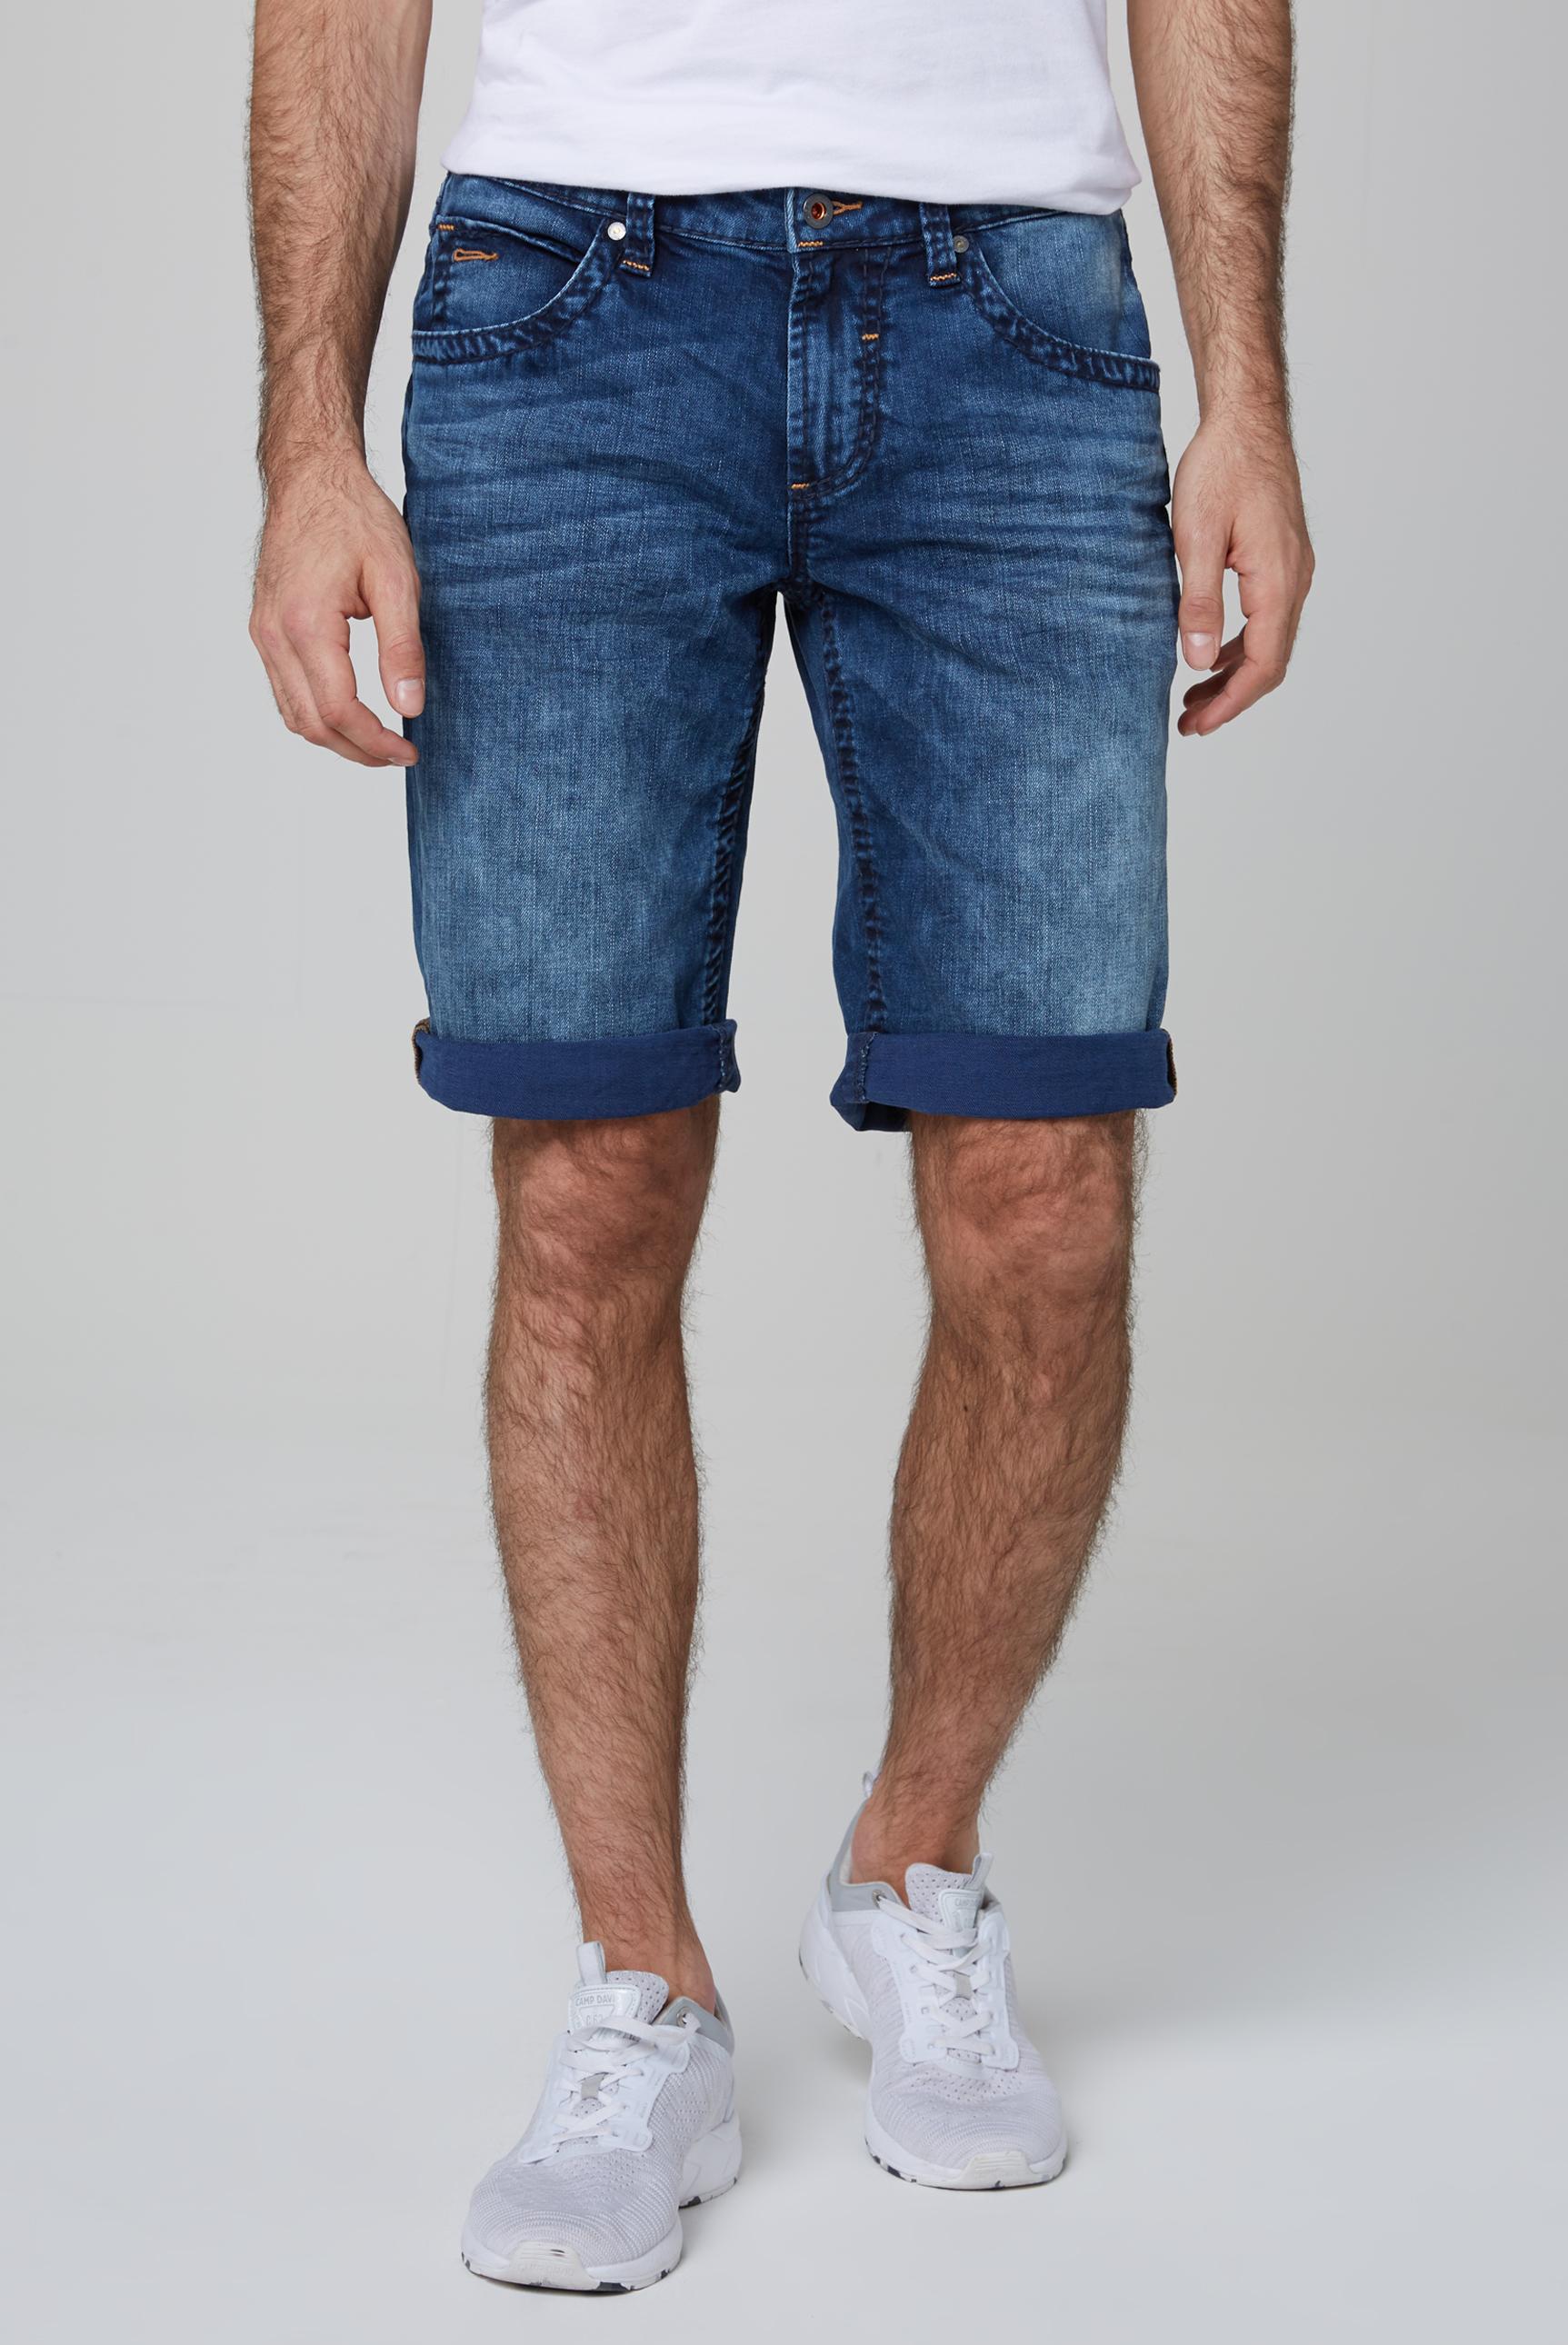 Skater Shorts NI:CO Random Washed